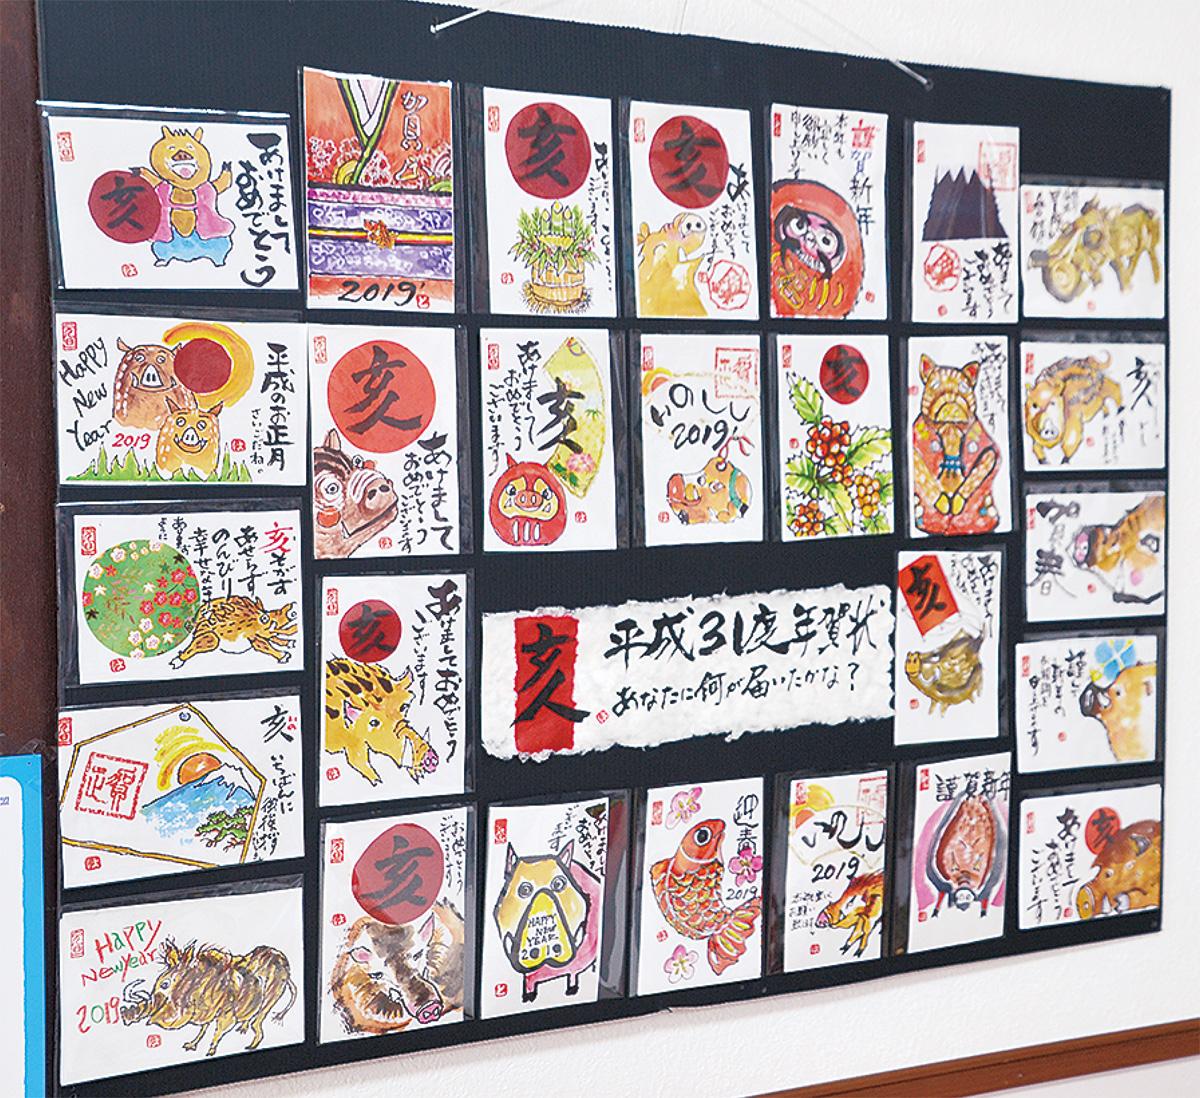 萩原さんが今年出した年賀状の一部を含め178点を展示